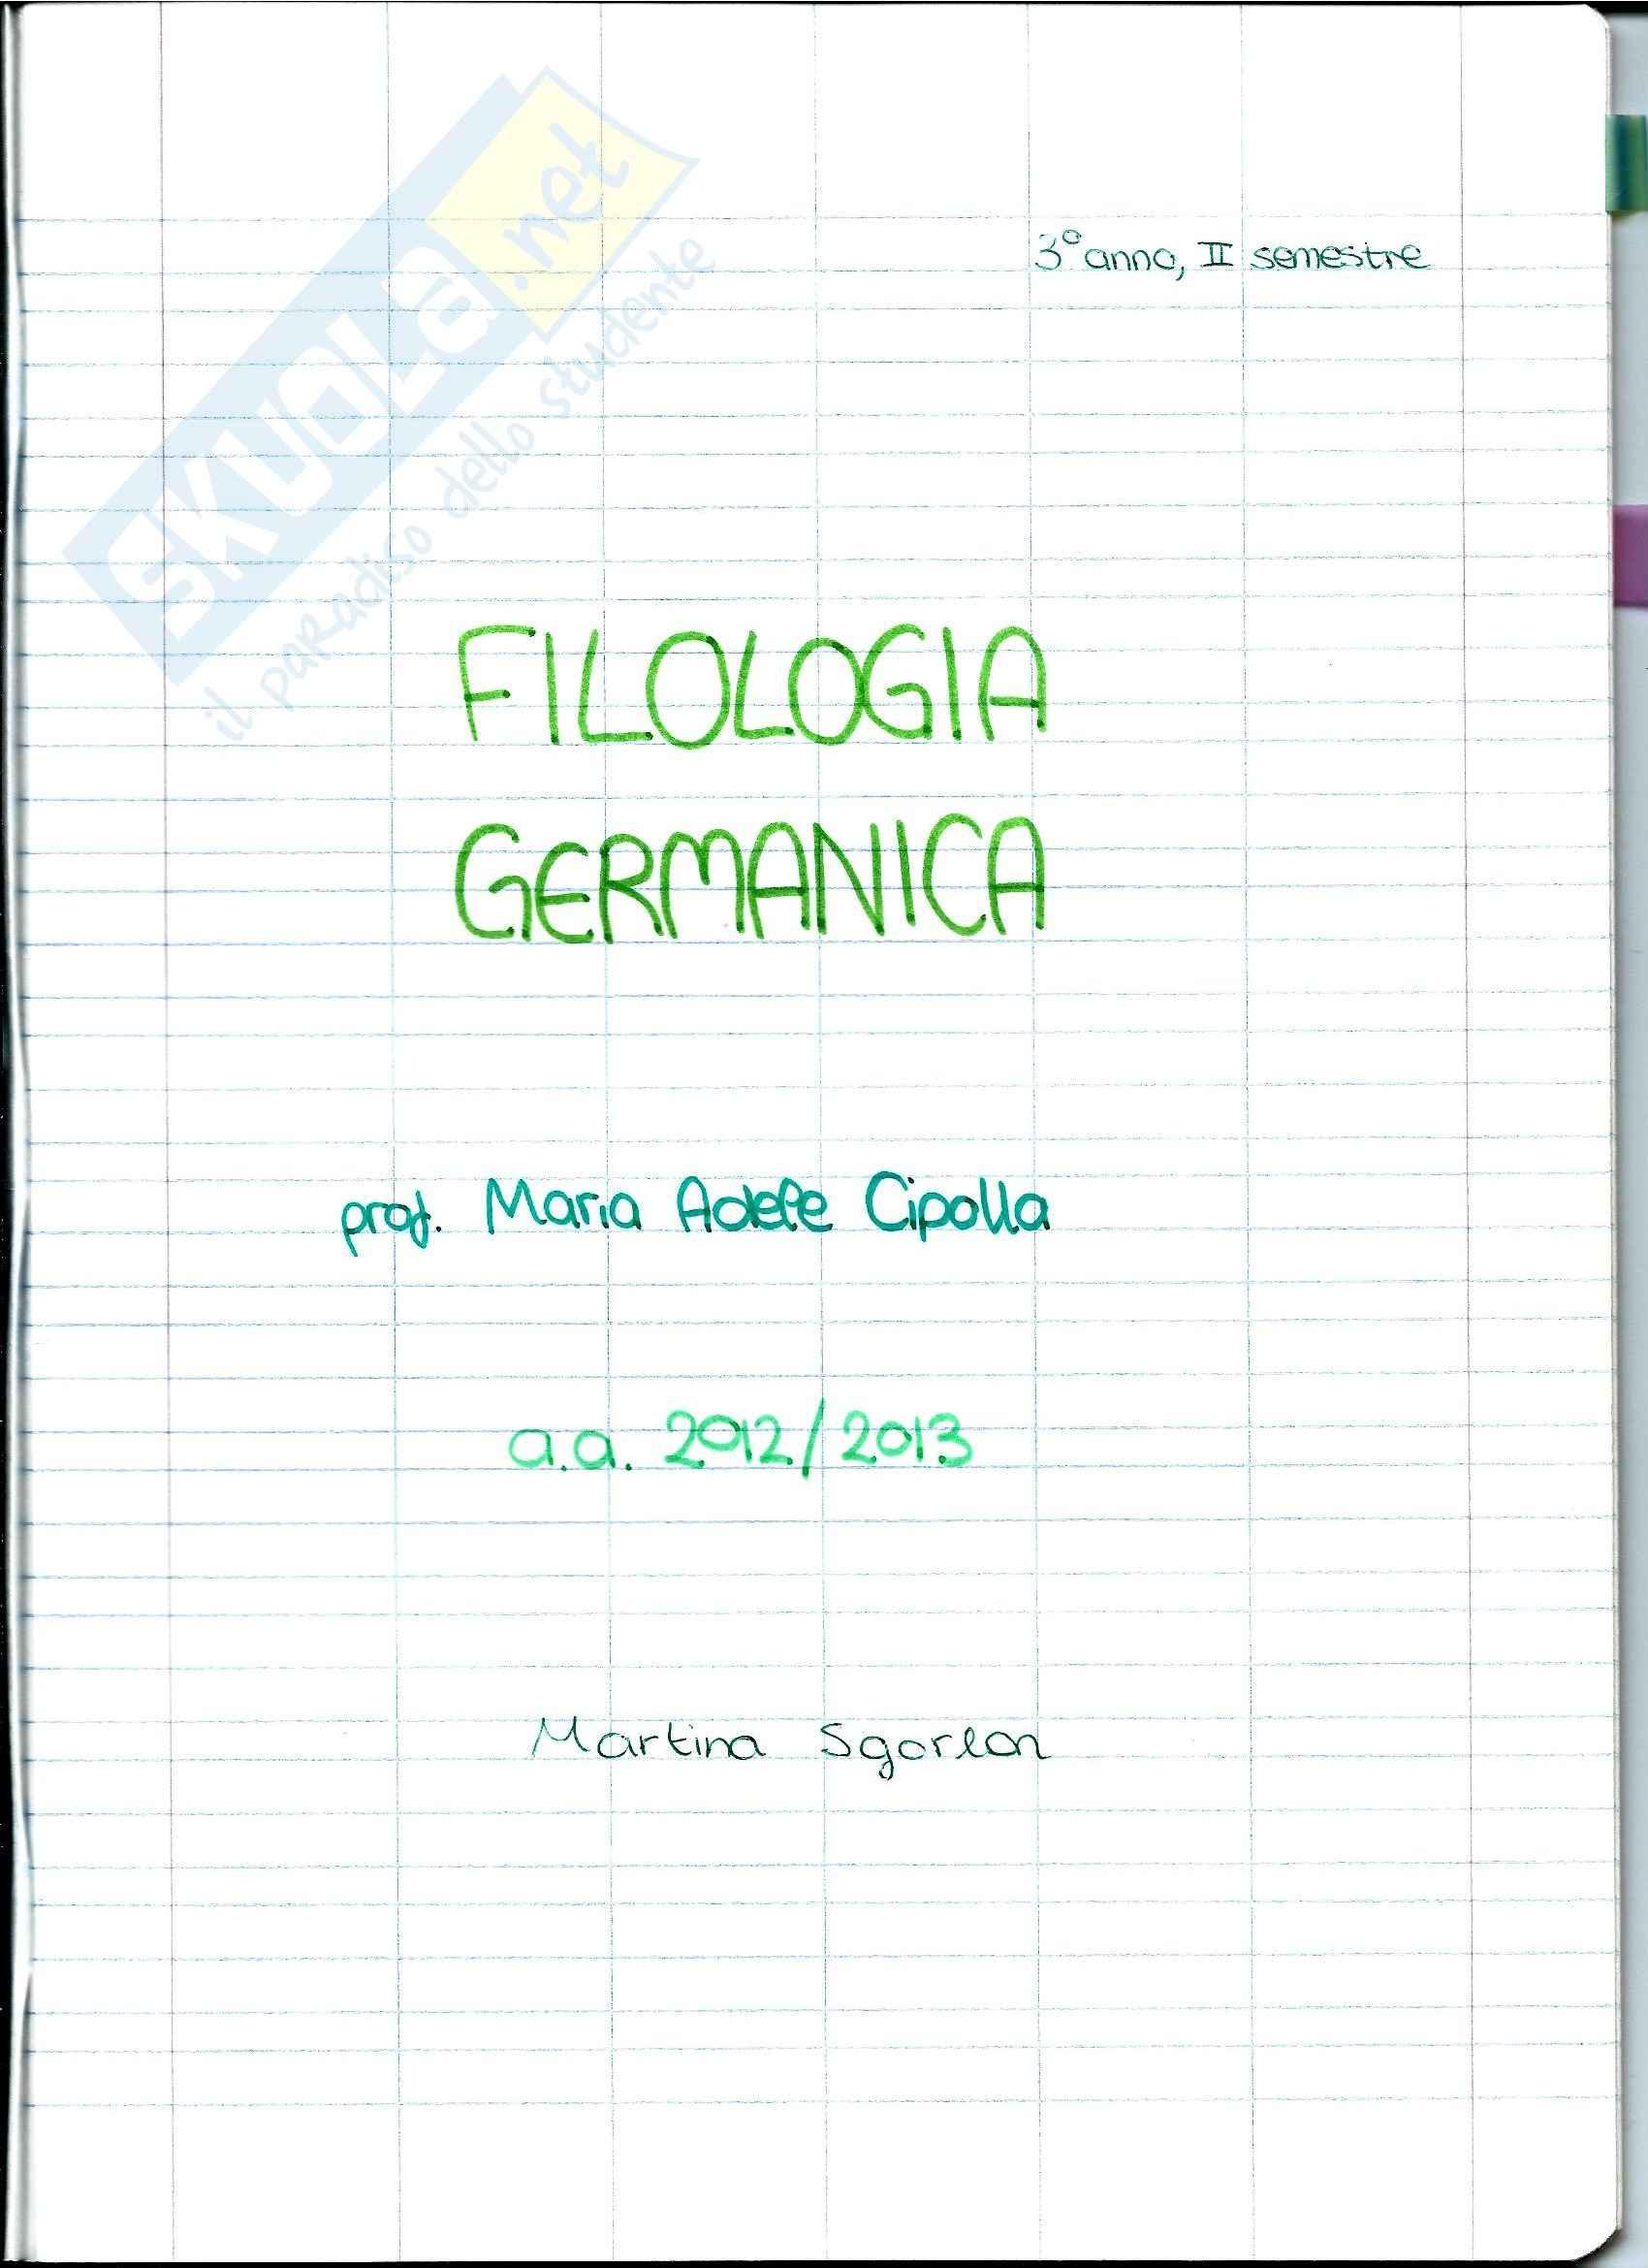 Filologia Germanica - I popoli